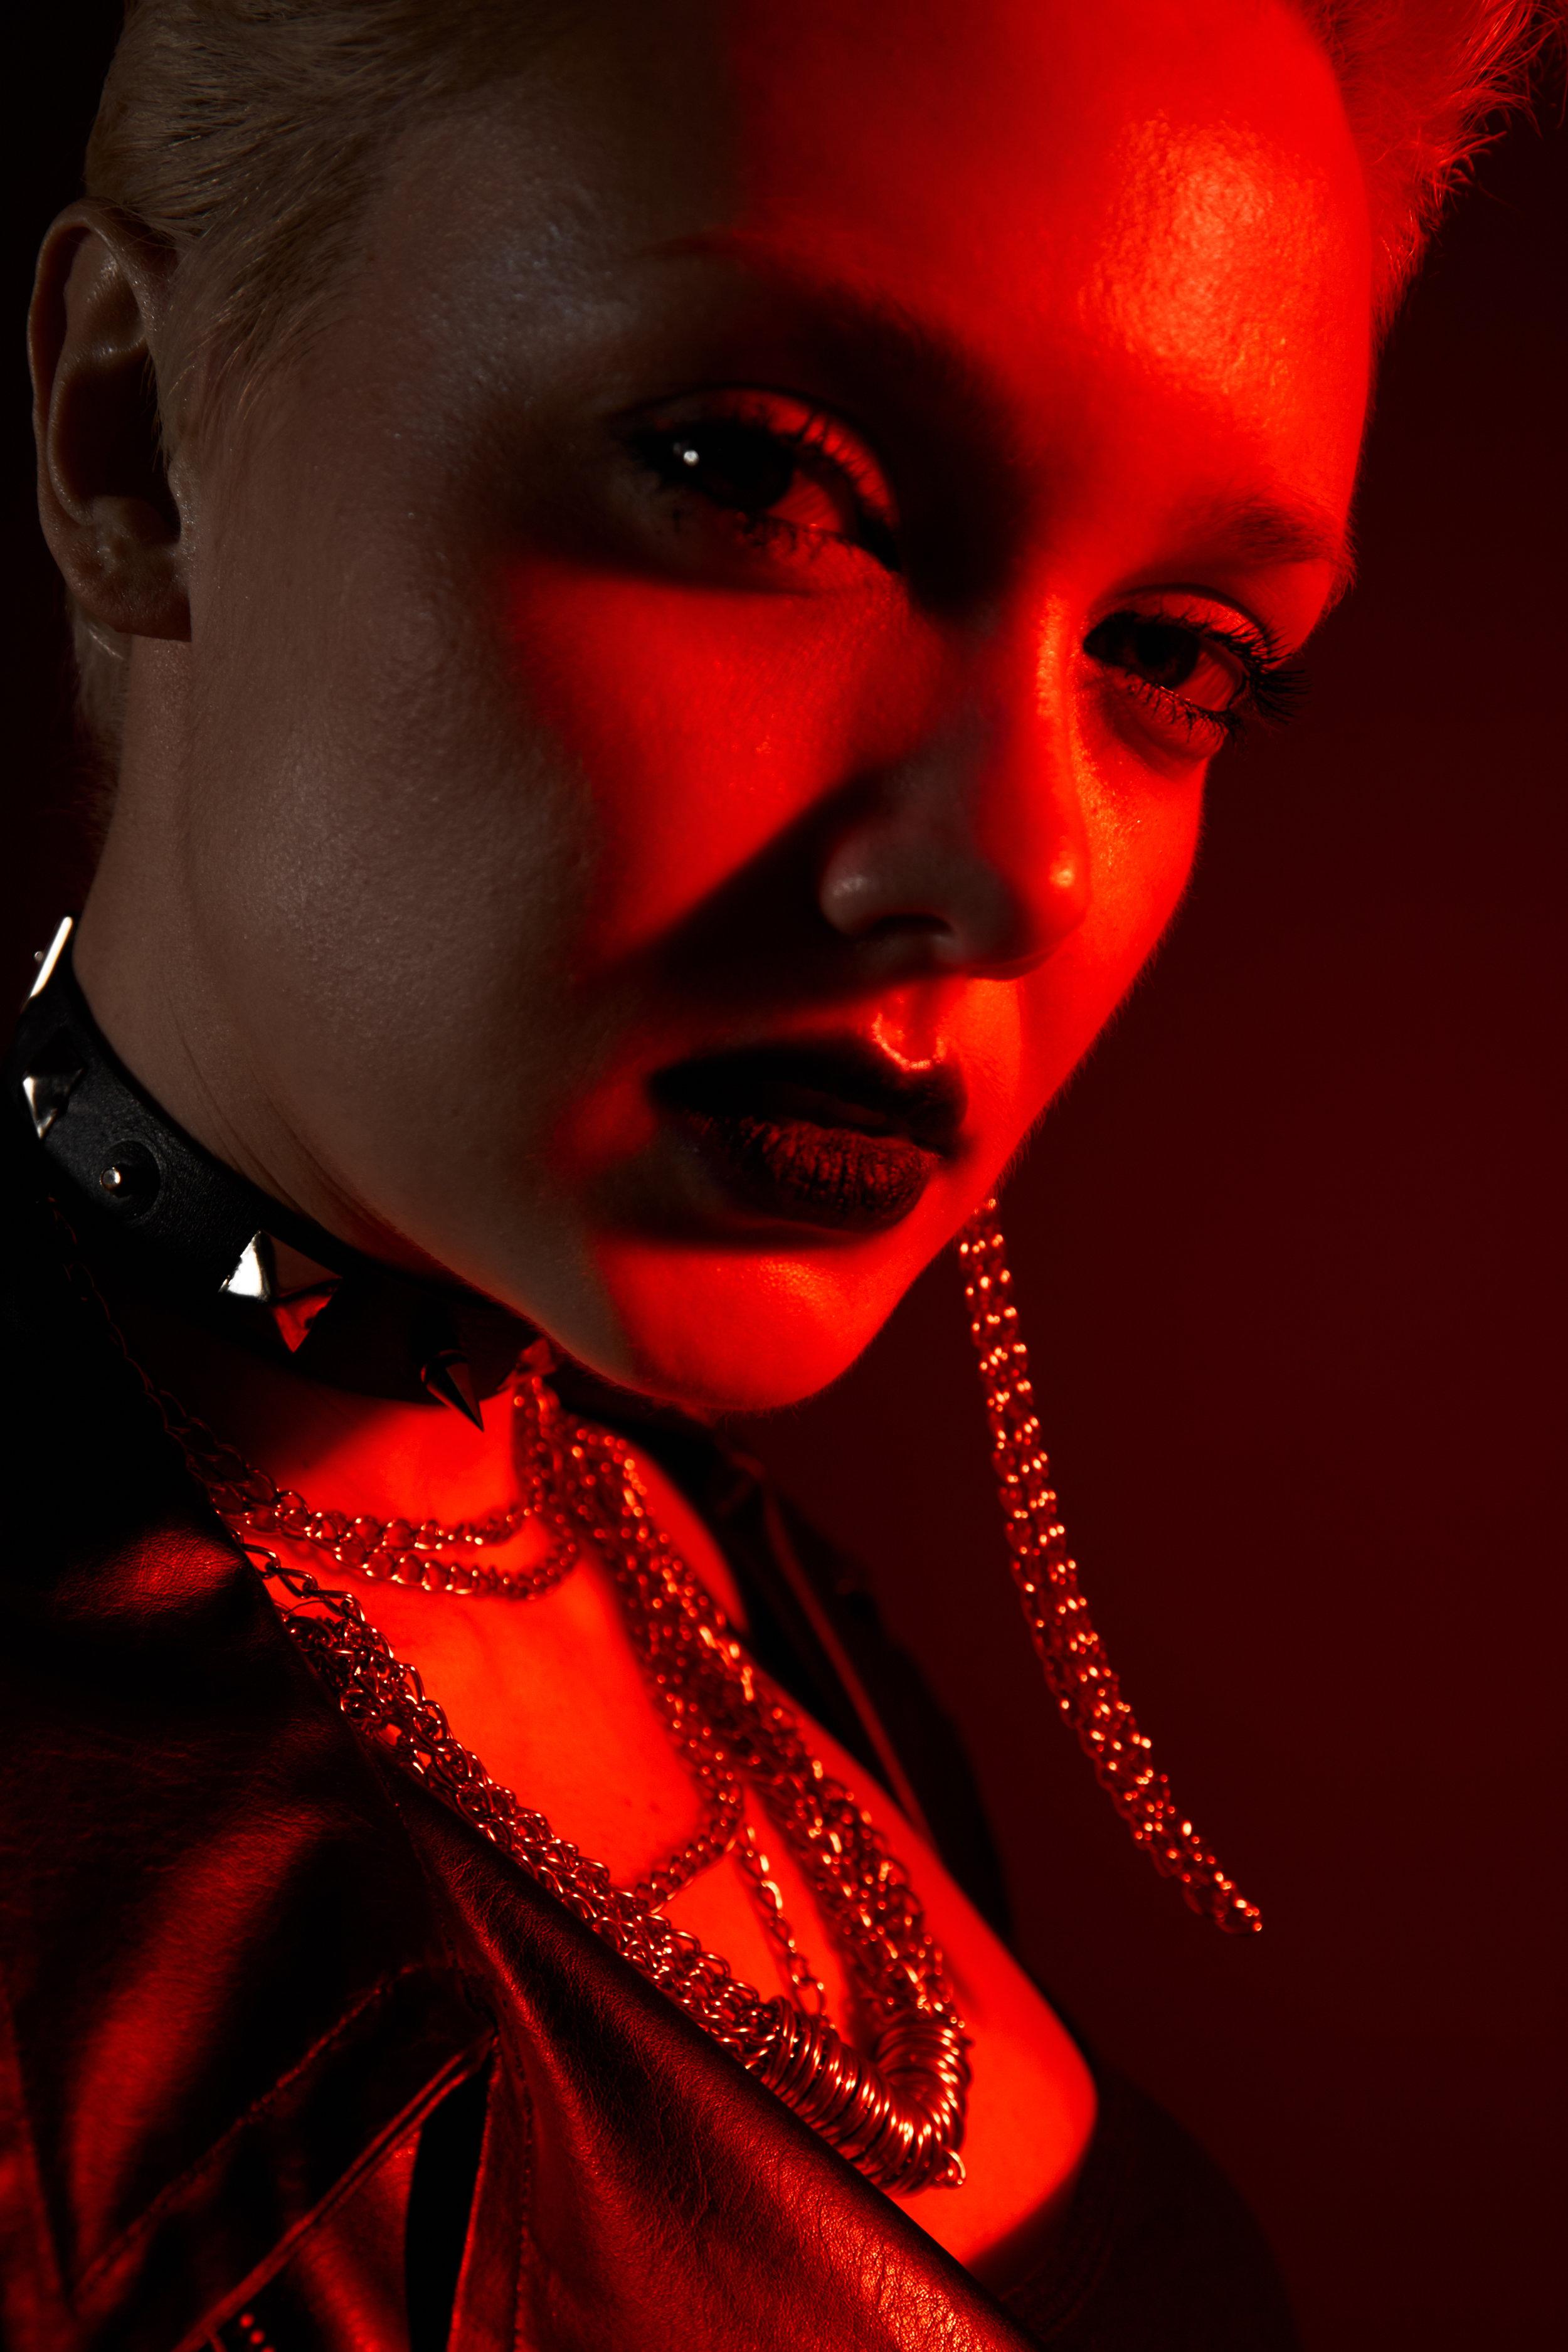 Leather vest - designer Nadezda Sizova Chains - Stylist property